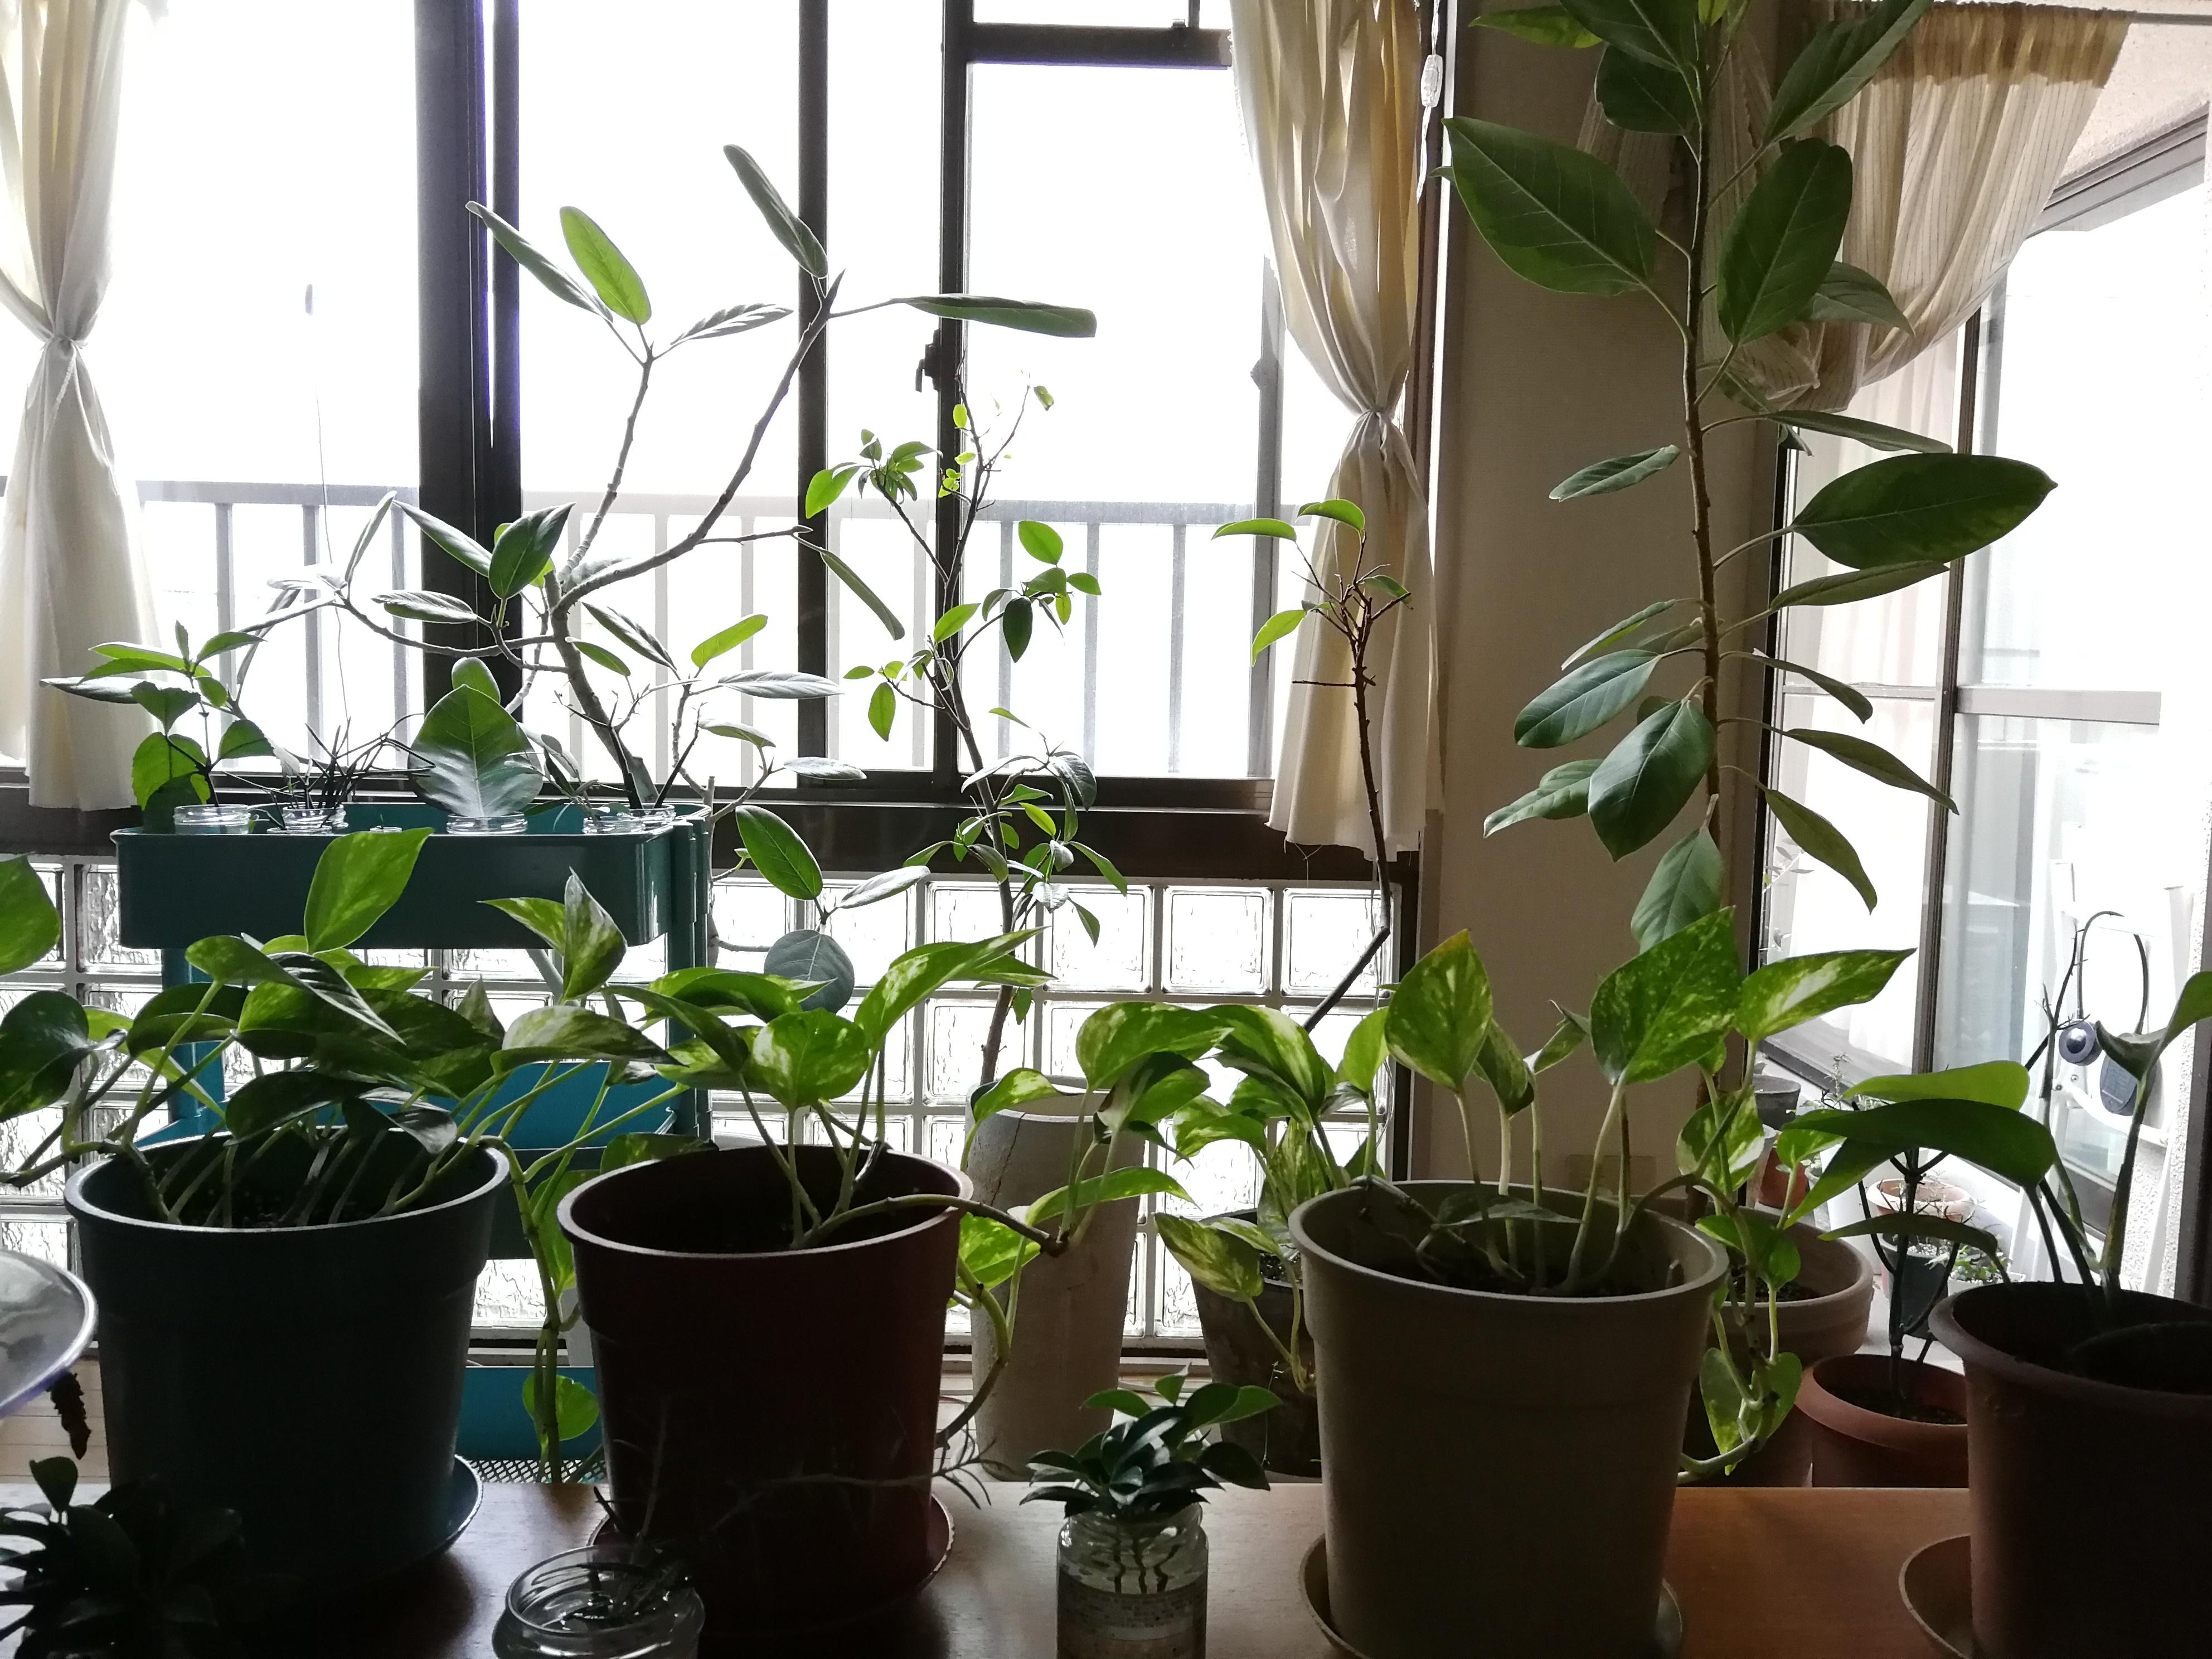 文とは、関係ないけど、うちの観葉植物。増えたらまた、お譲りしますね。